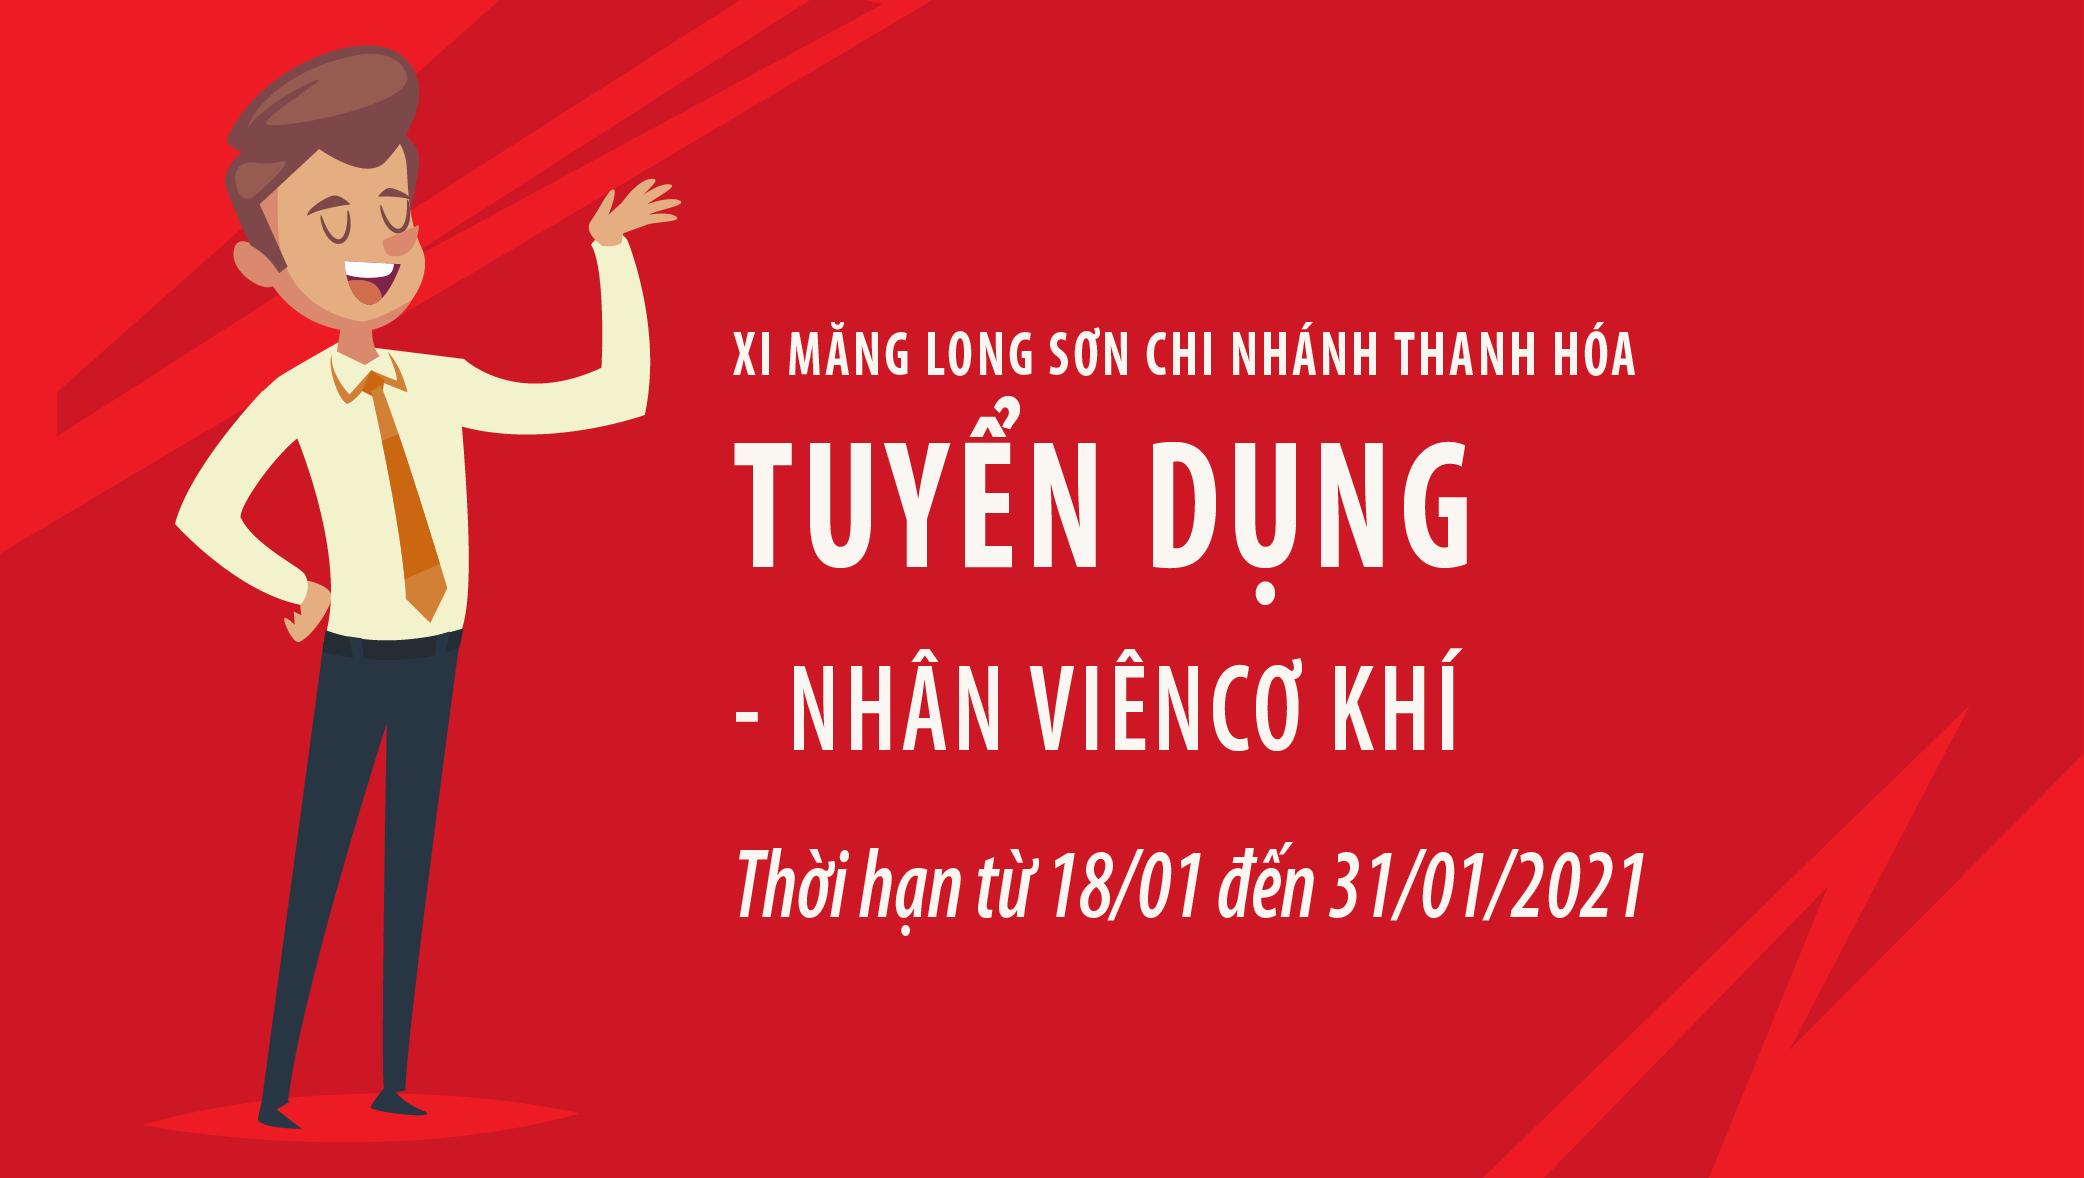 Công ty Xi măng Long Sơn – Thông báo tuyển dụng nhân viên Cơ khí